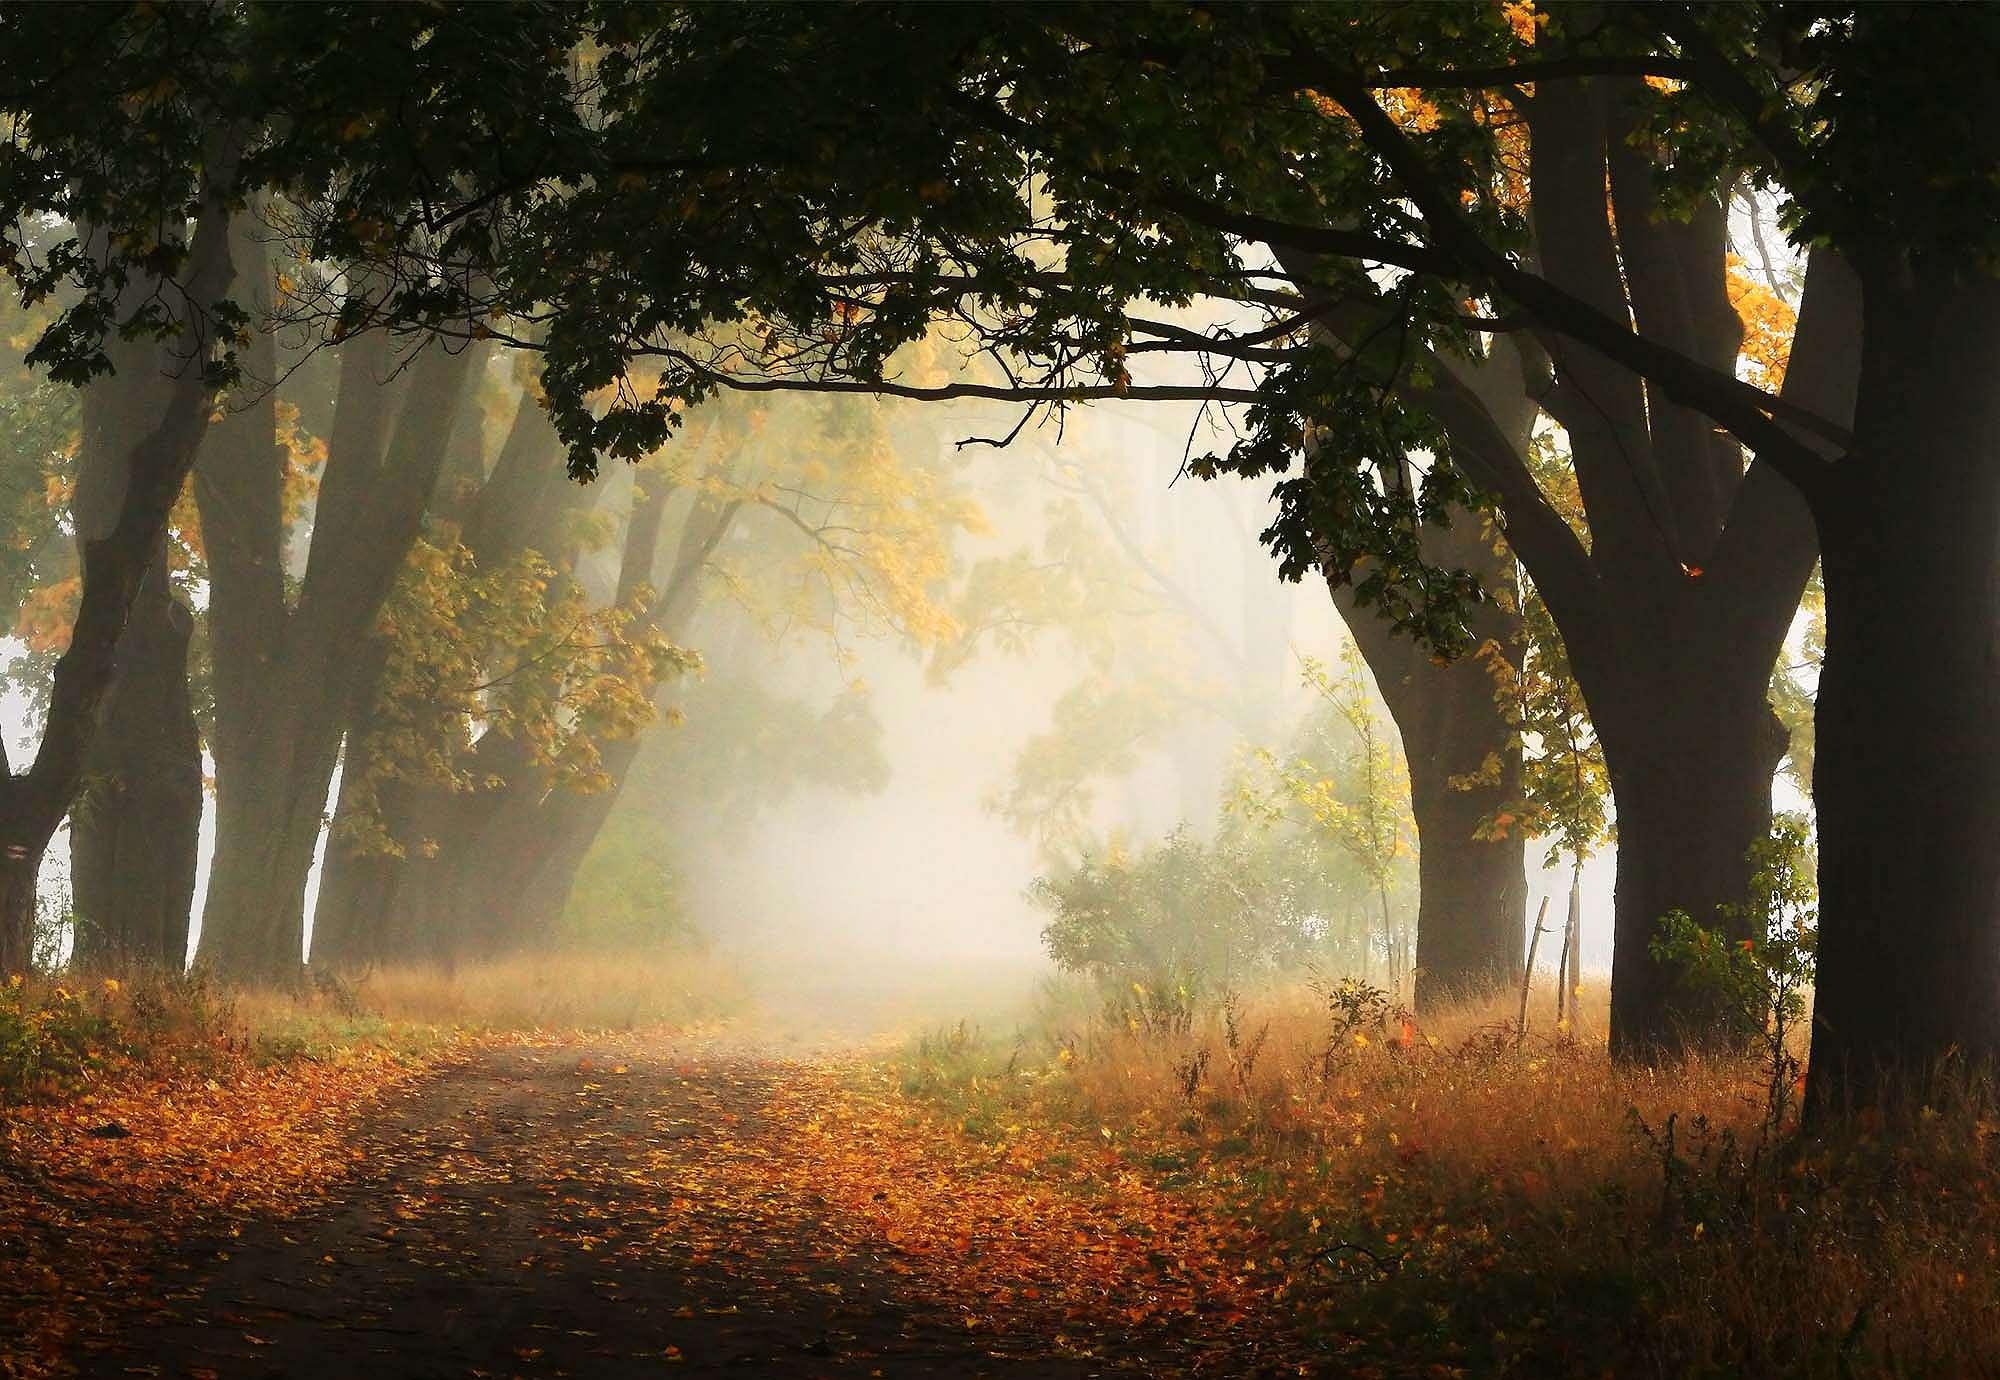 Fali poszter őszi hangulat egy lengyel erdőben